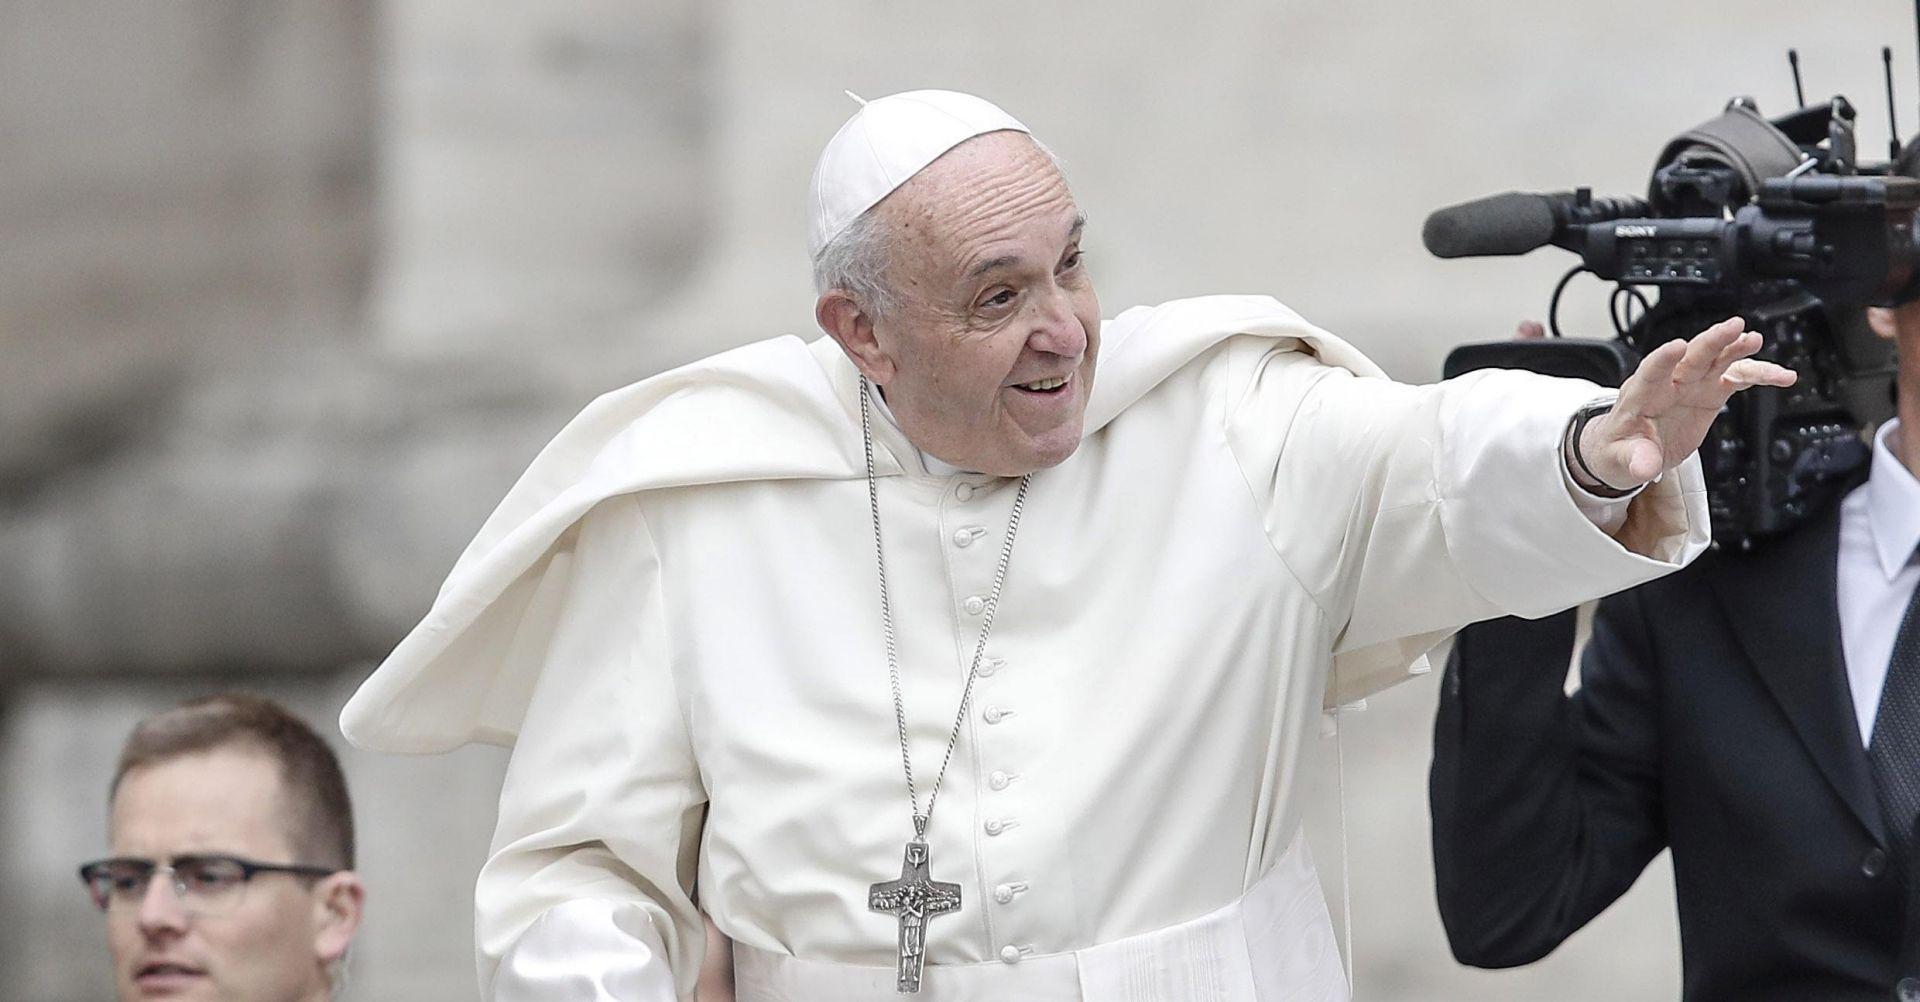 Papa zbog mrene mora na operaciju